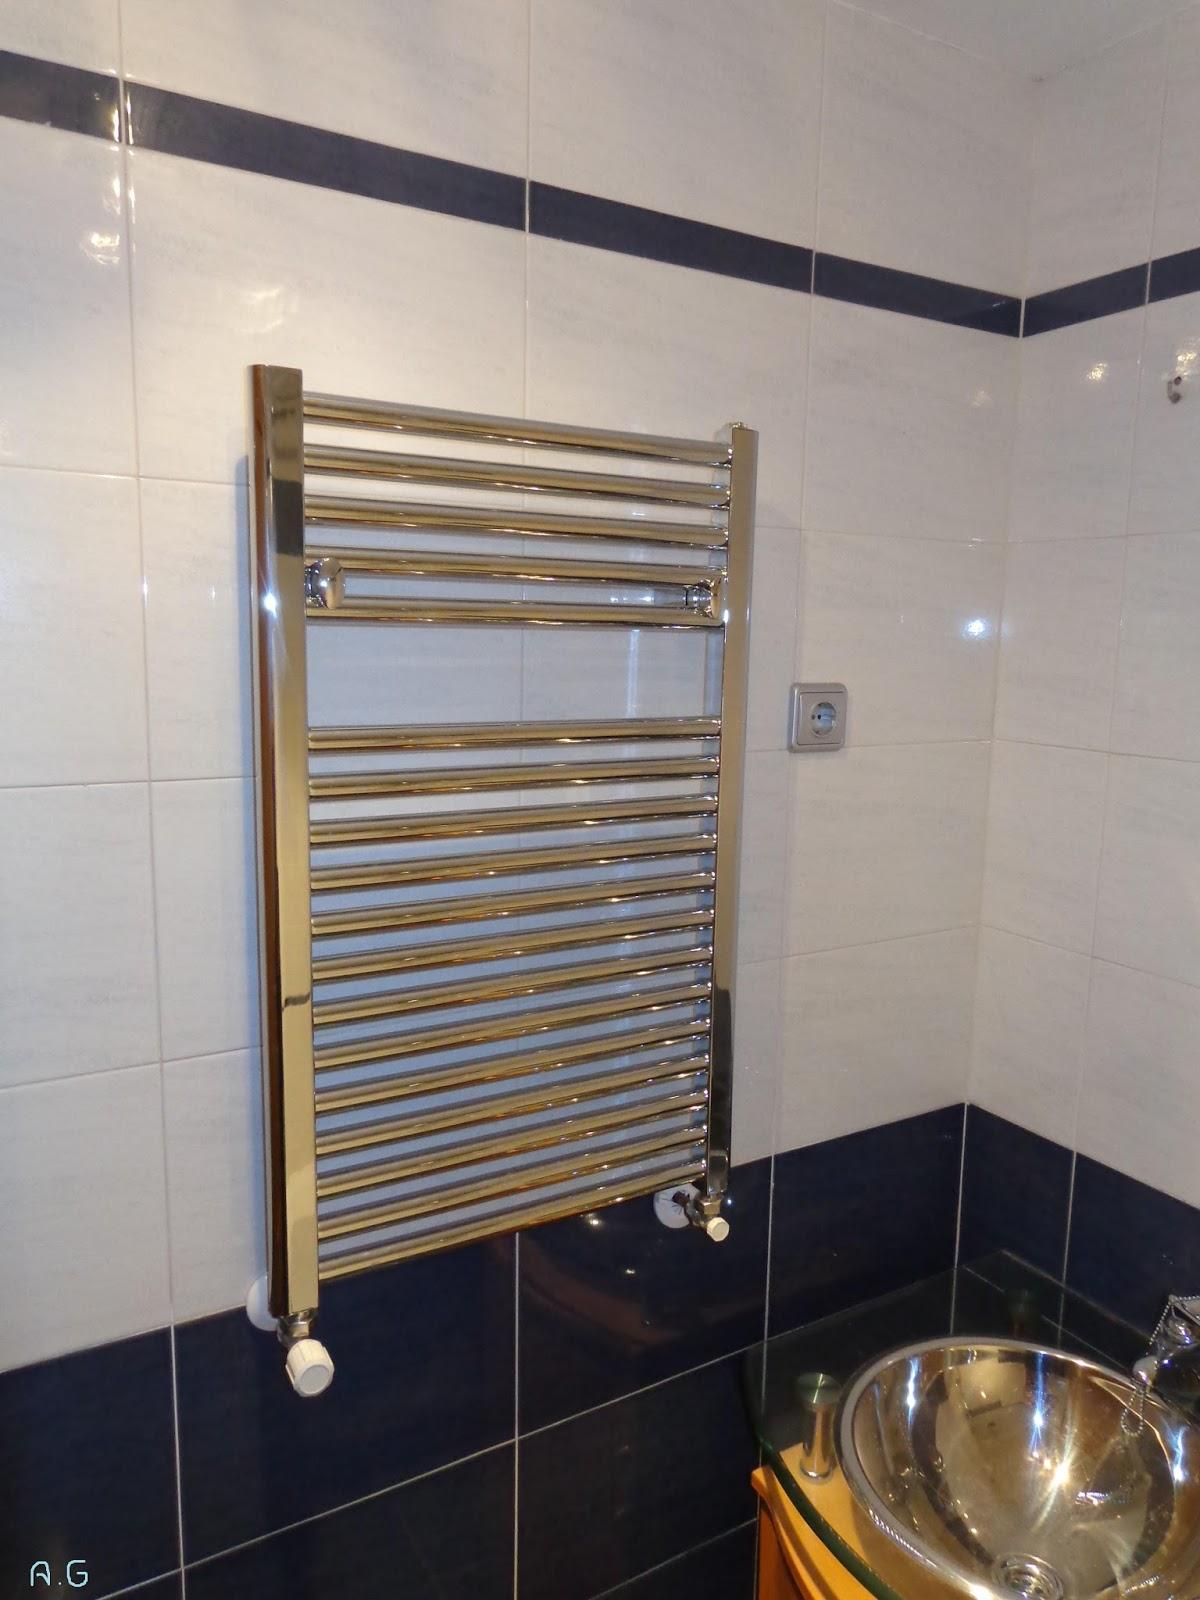 Baldosas sa instalar radiador toallero en el ba o - Purgar radiador toallero ...